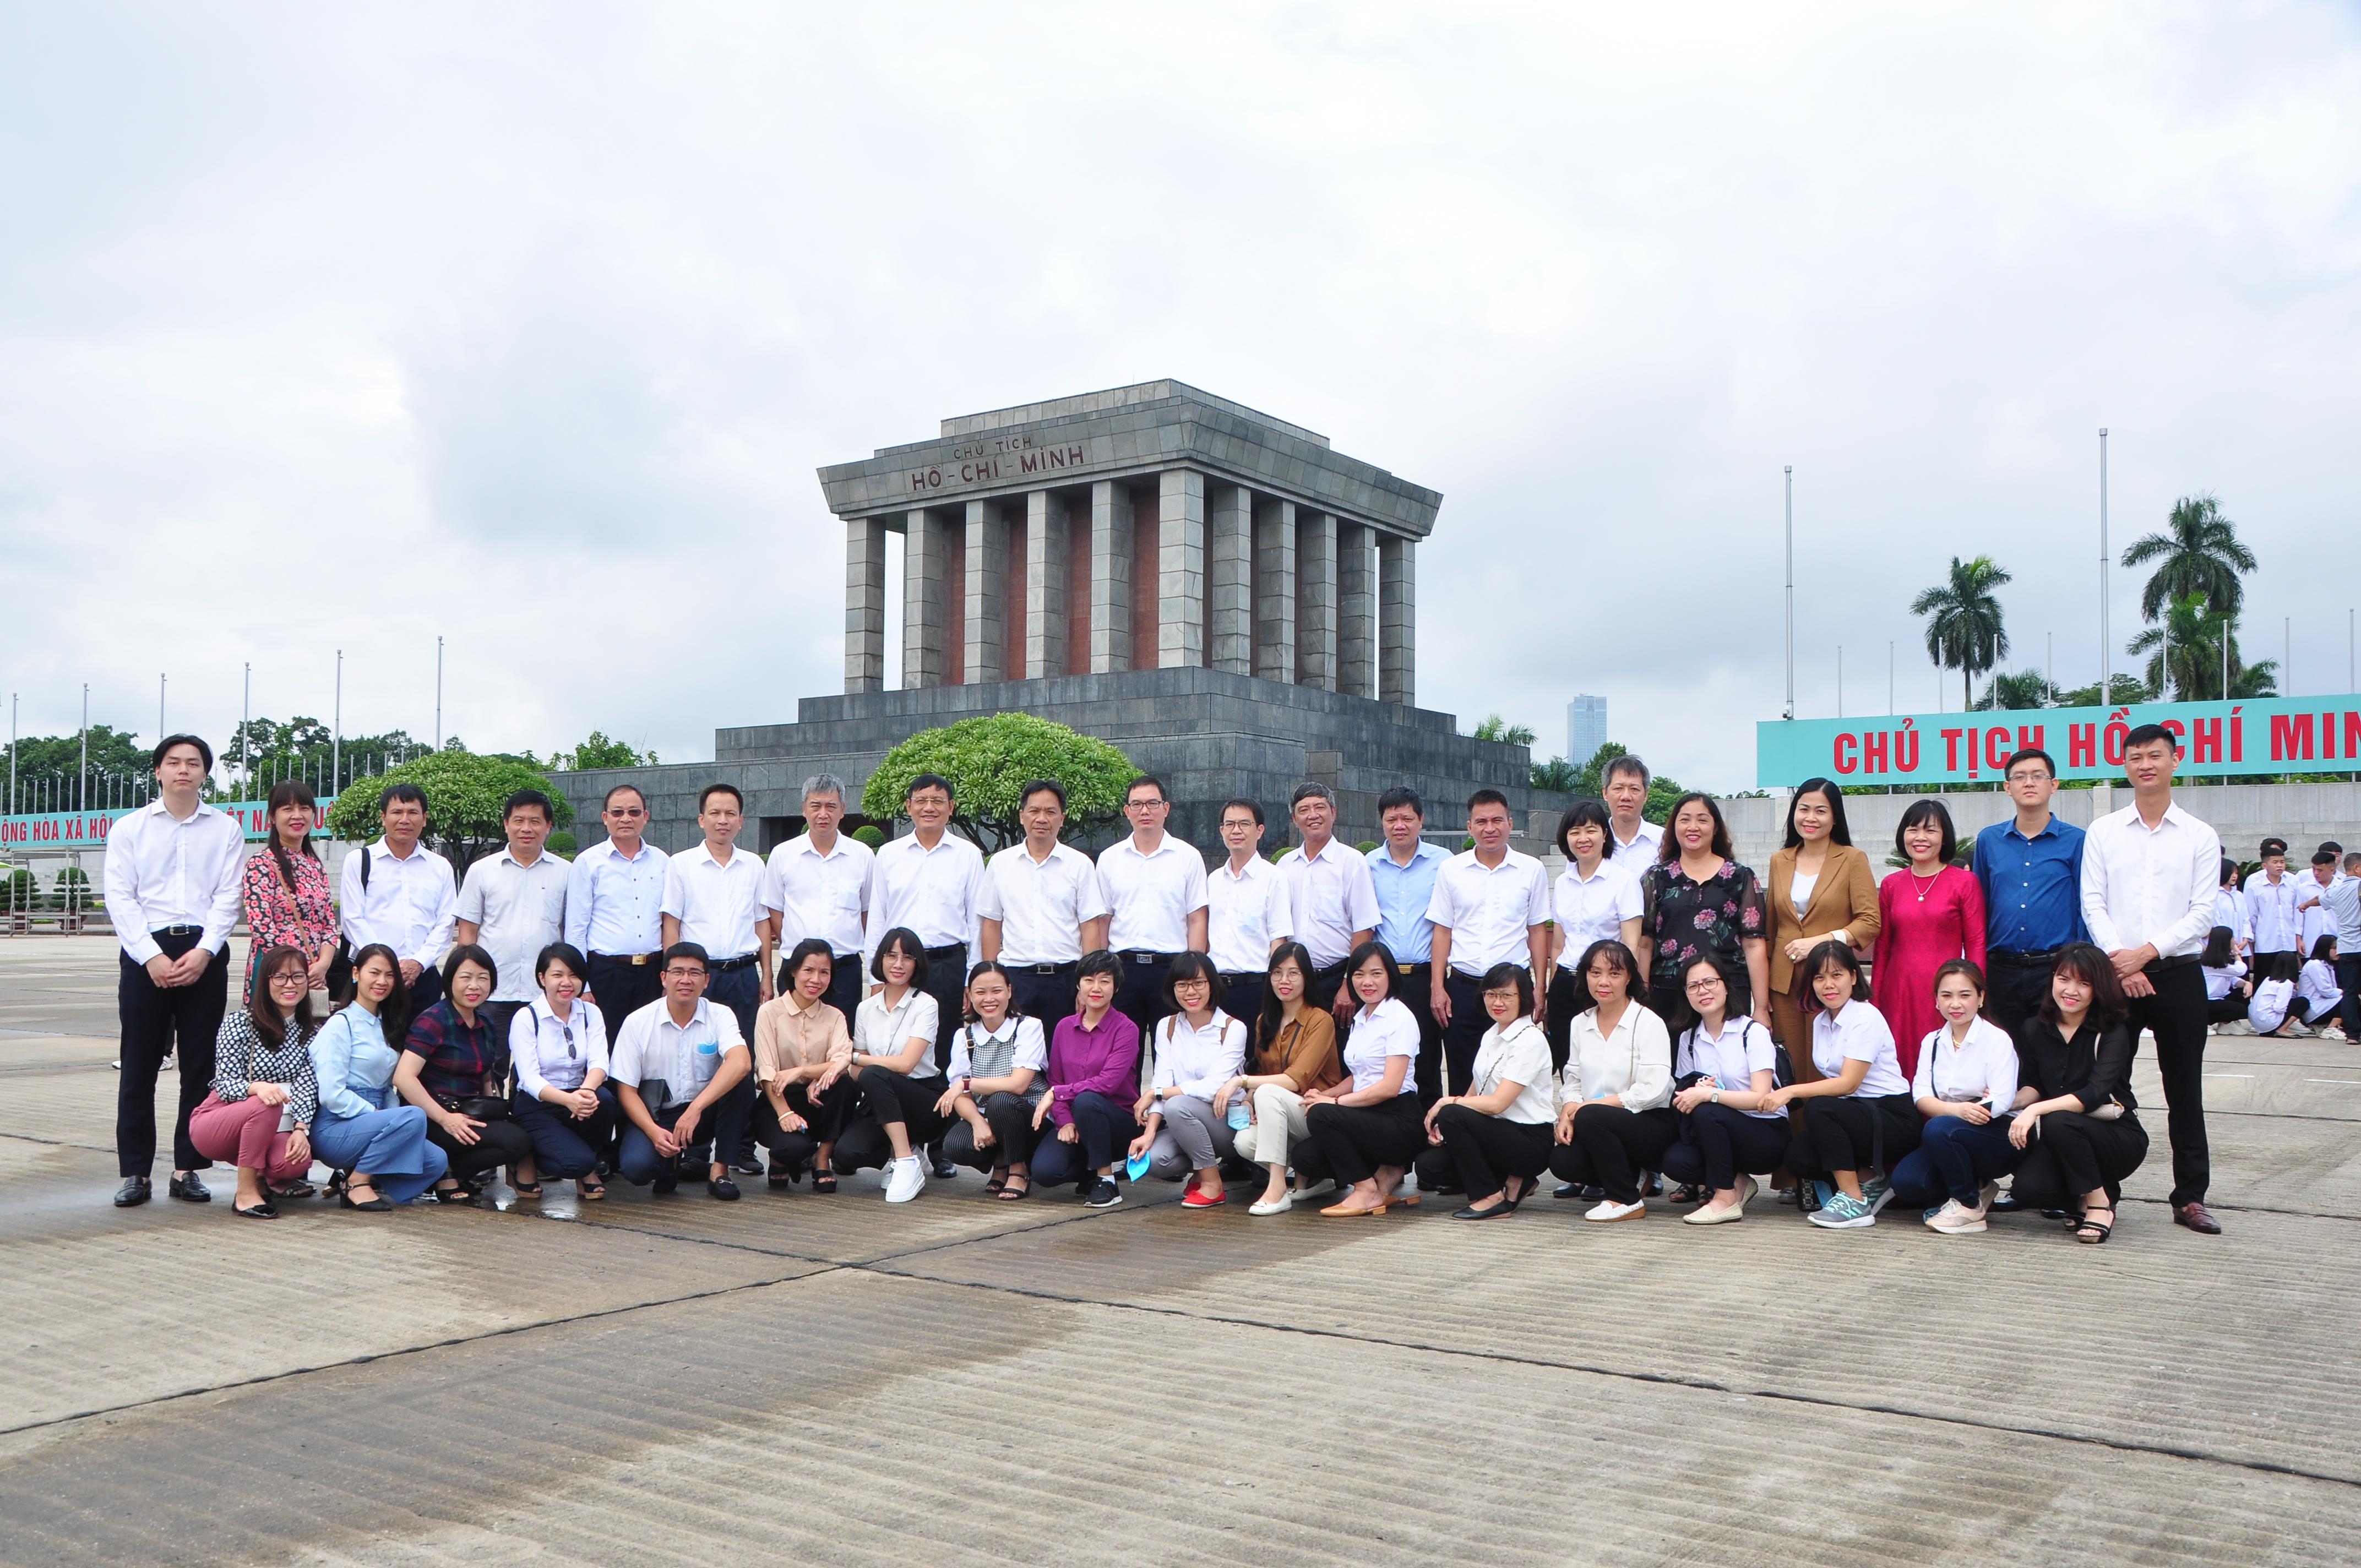 Chi bộ Ban TCCB-LĐ: Những cảm xúc đẹp trong hành trình thăm viếng khu di tích Chủ tịch Hồ Chí Minh tại Phủ Chủ tịch